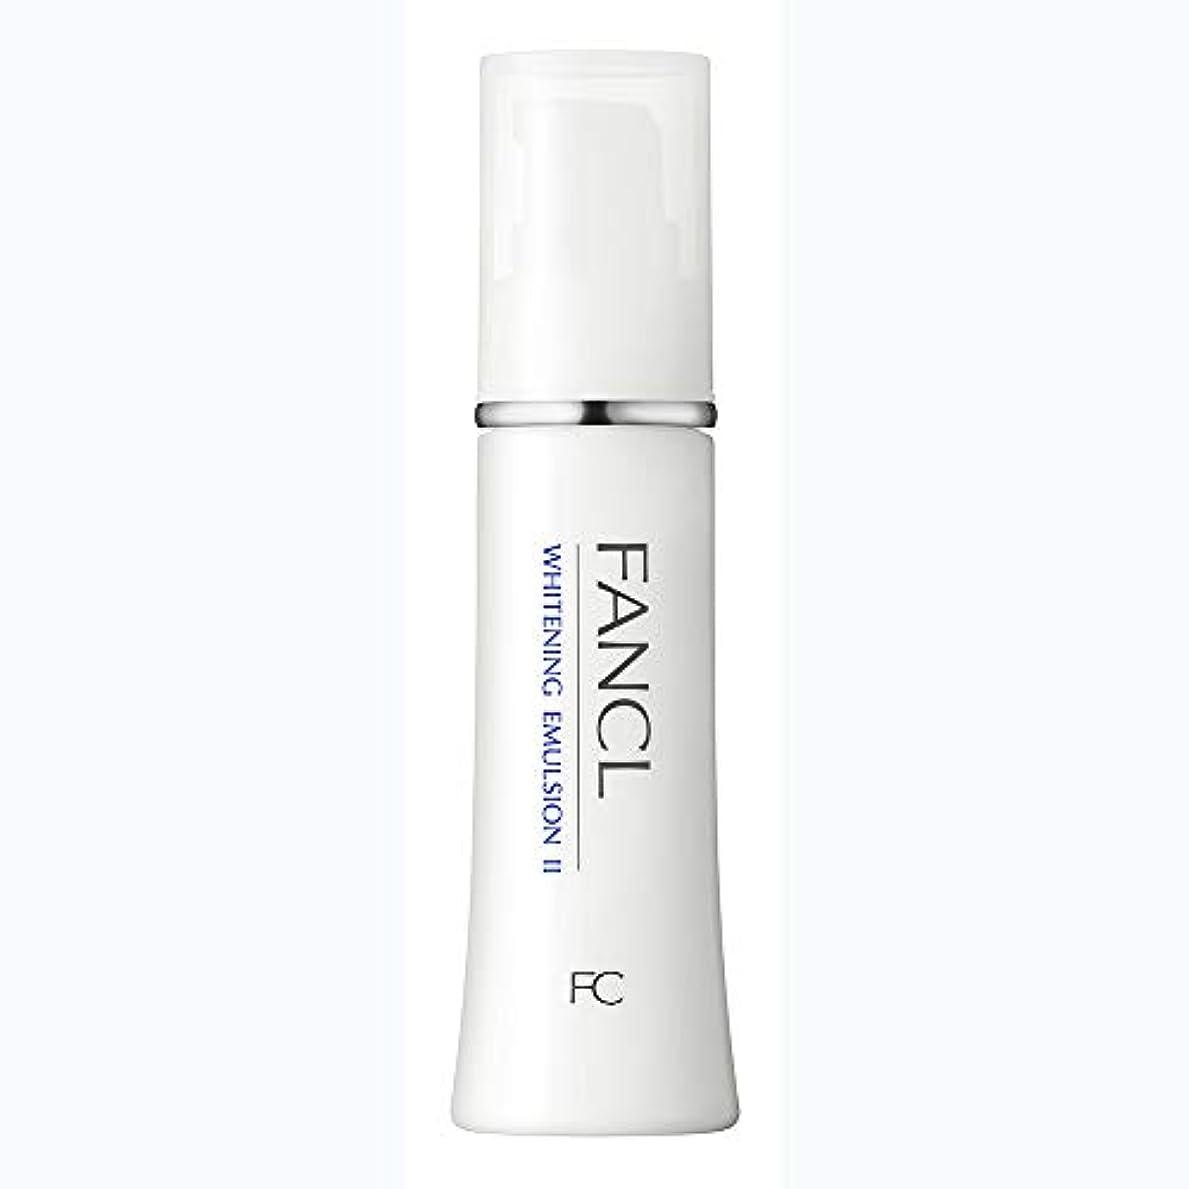 勝つトイレ聖人ファンケル(FANCL) 新 ホワイトニング 乳液 II しっとり 1本 30mL<医薬部外品>